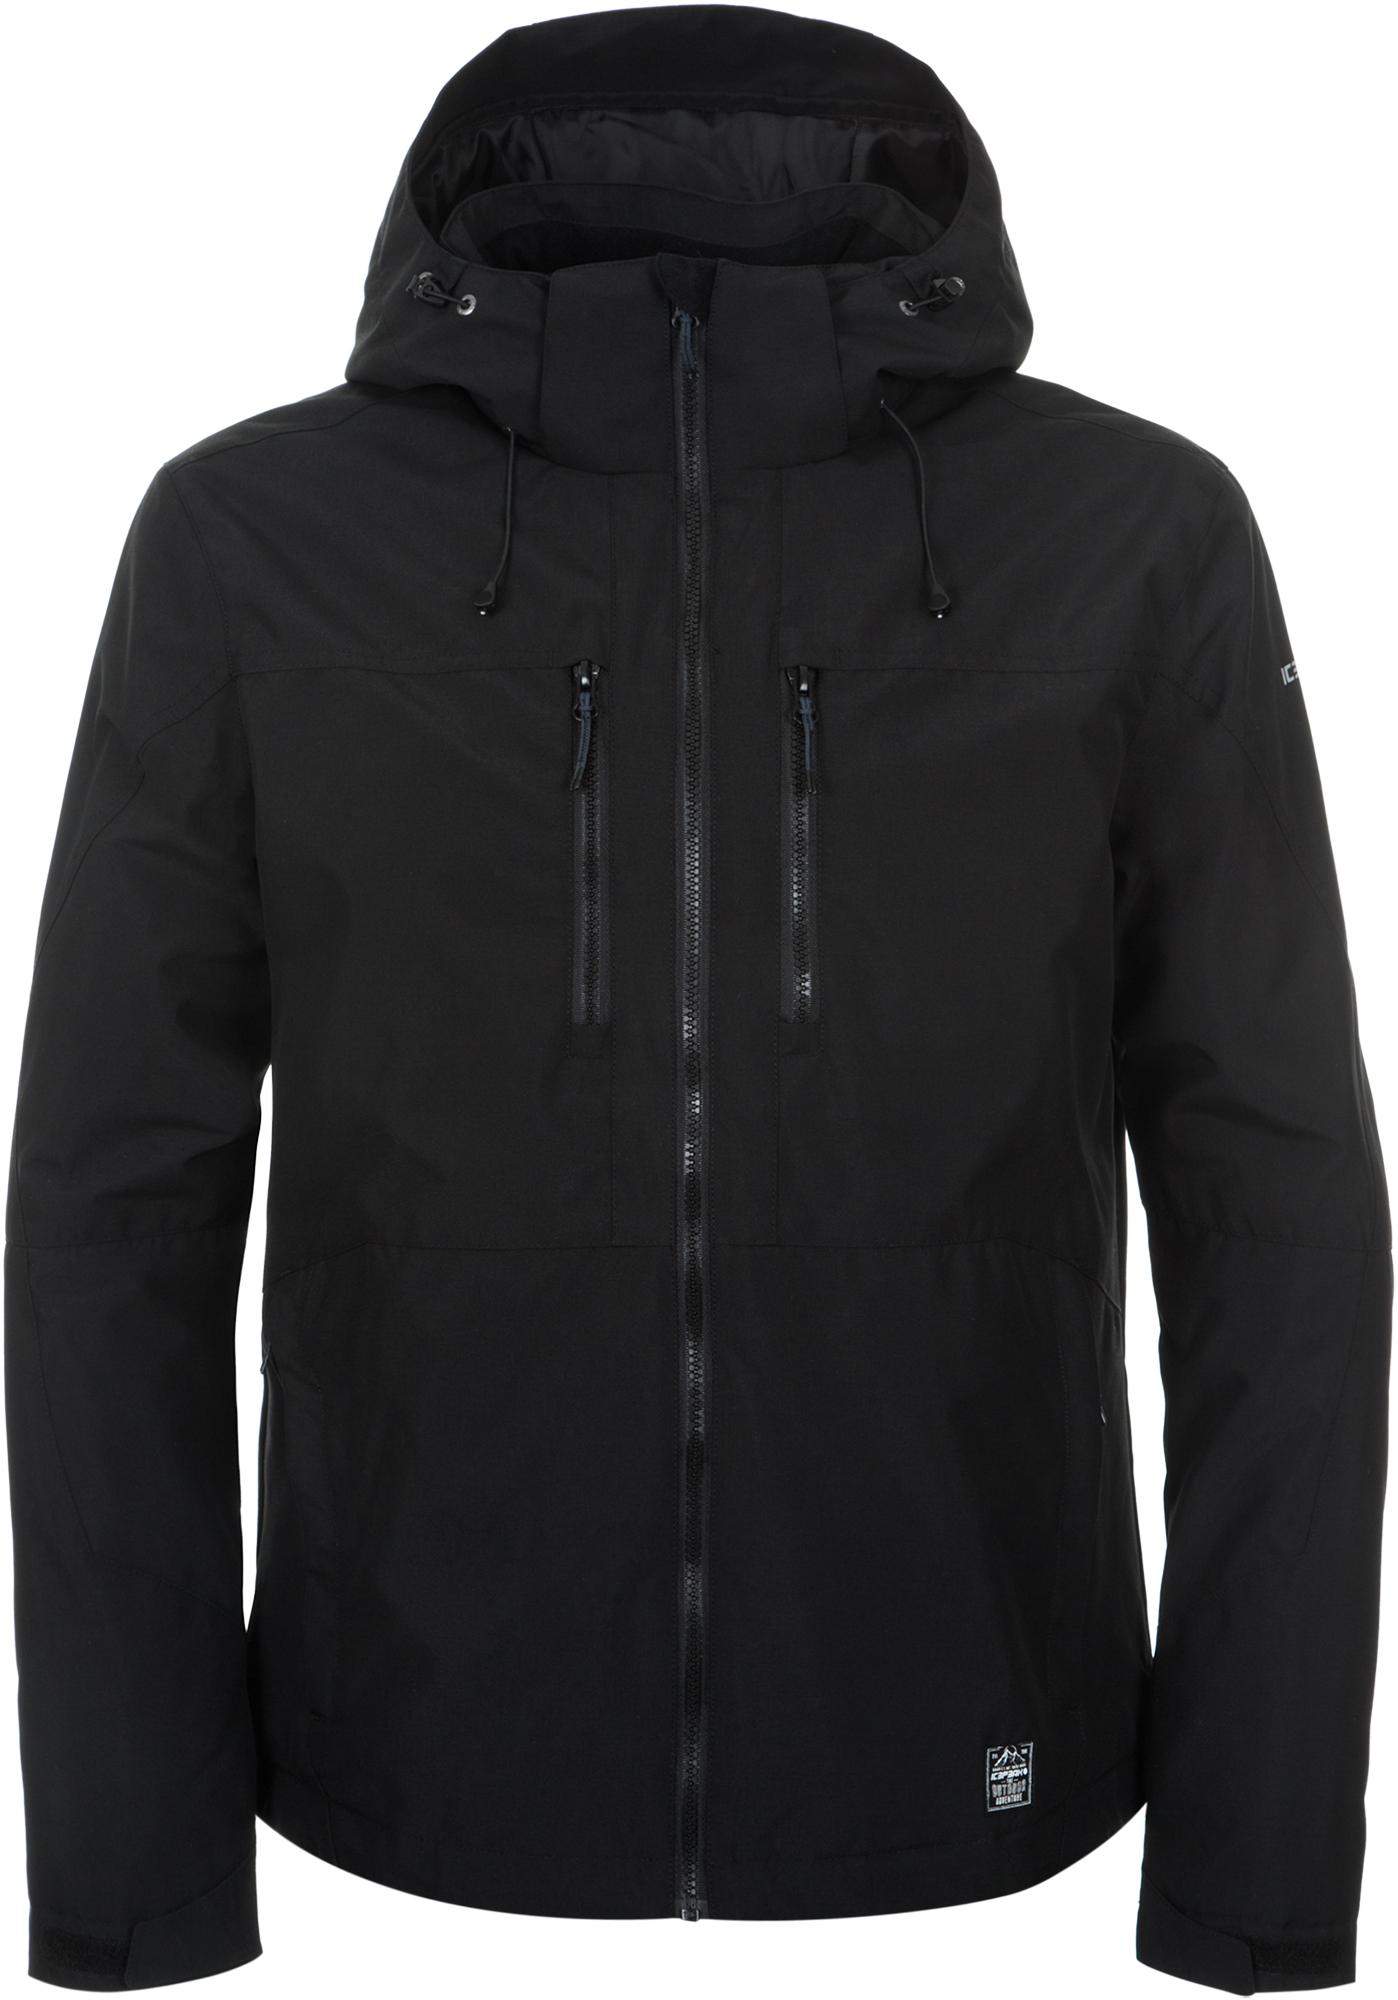 IcePeak Куртка утепленная мужская IcePeak Valton, размер 56 icepeak сумка icepeak damsel2 размер без размера